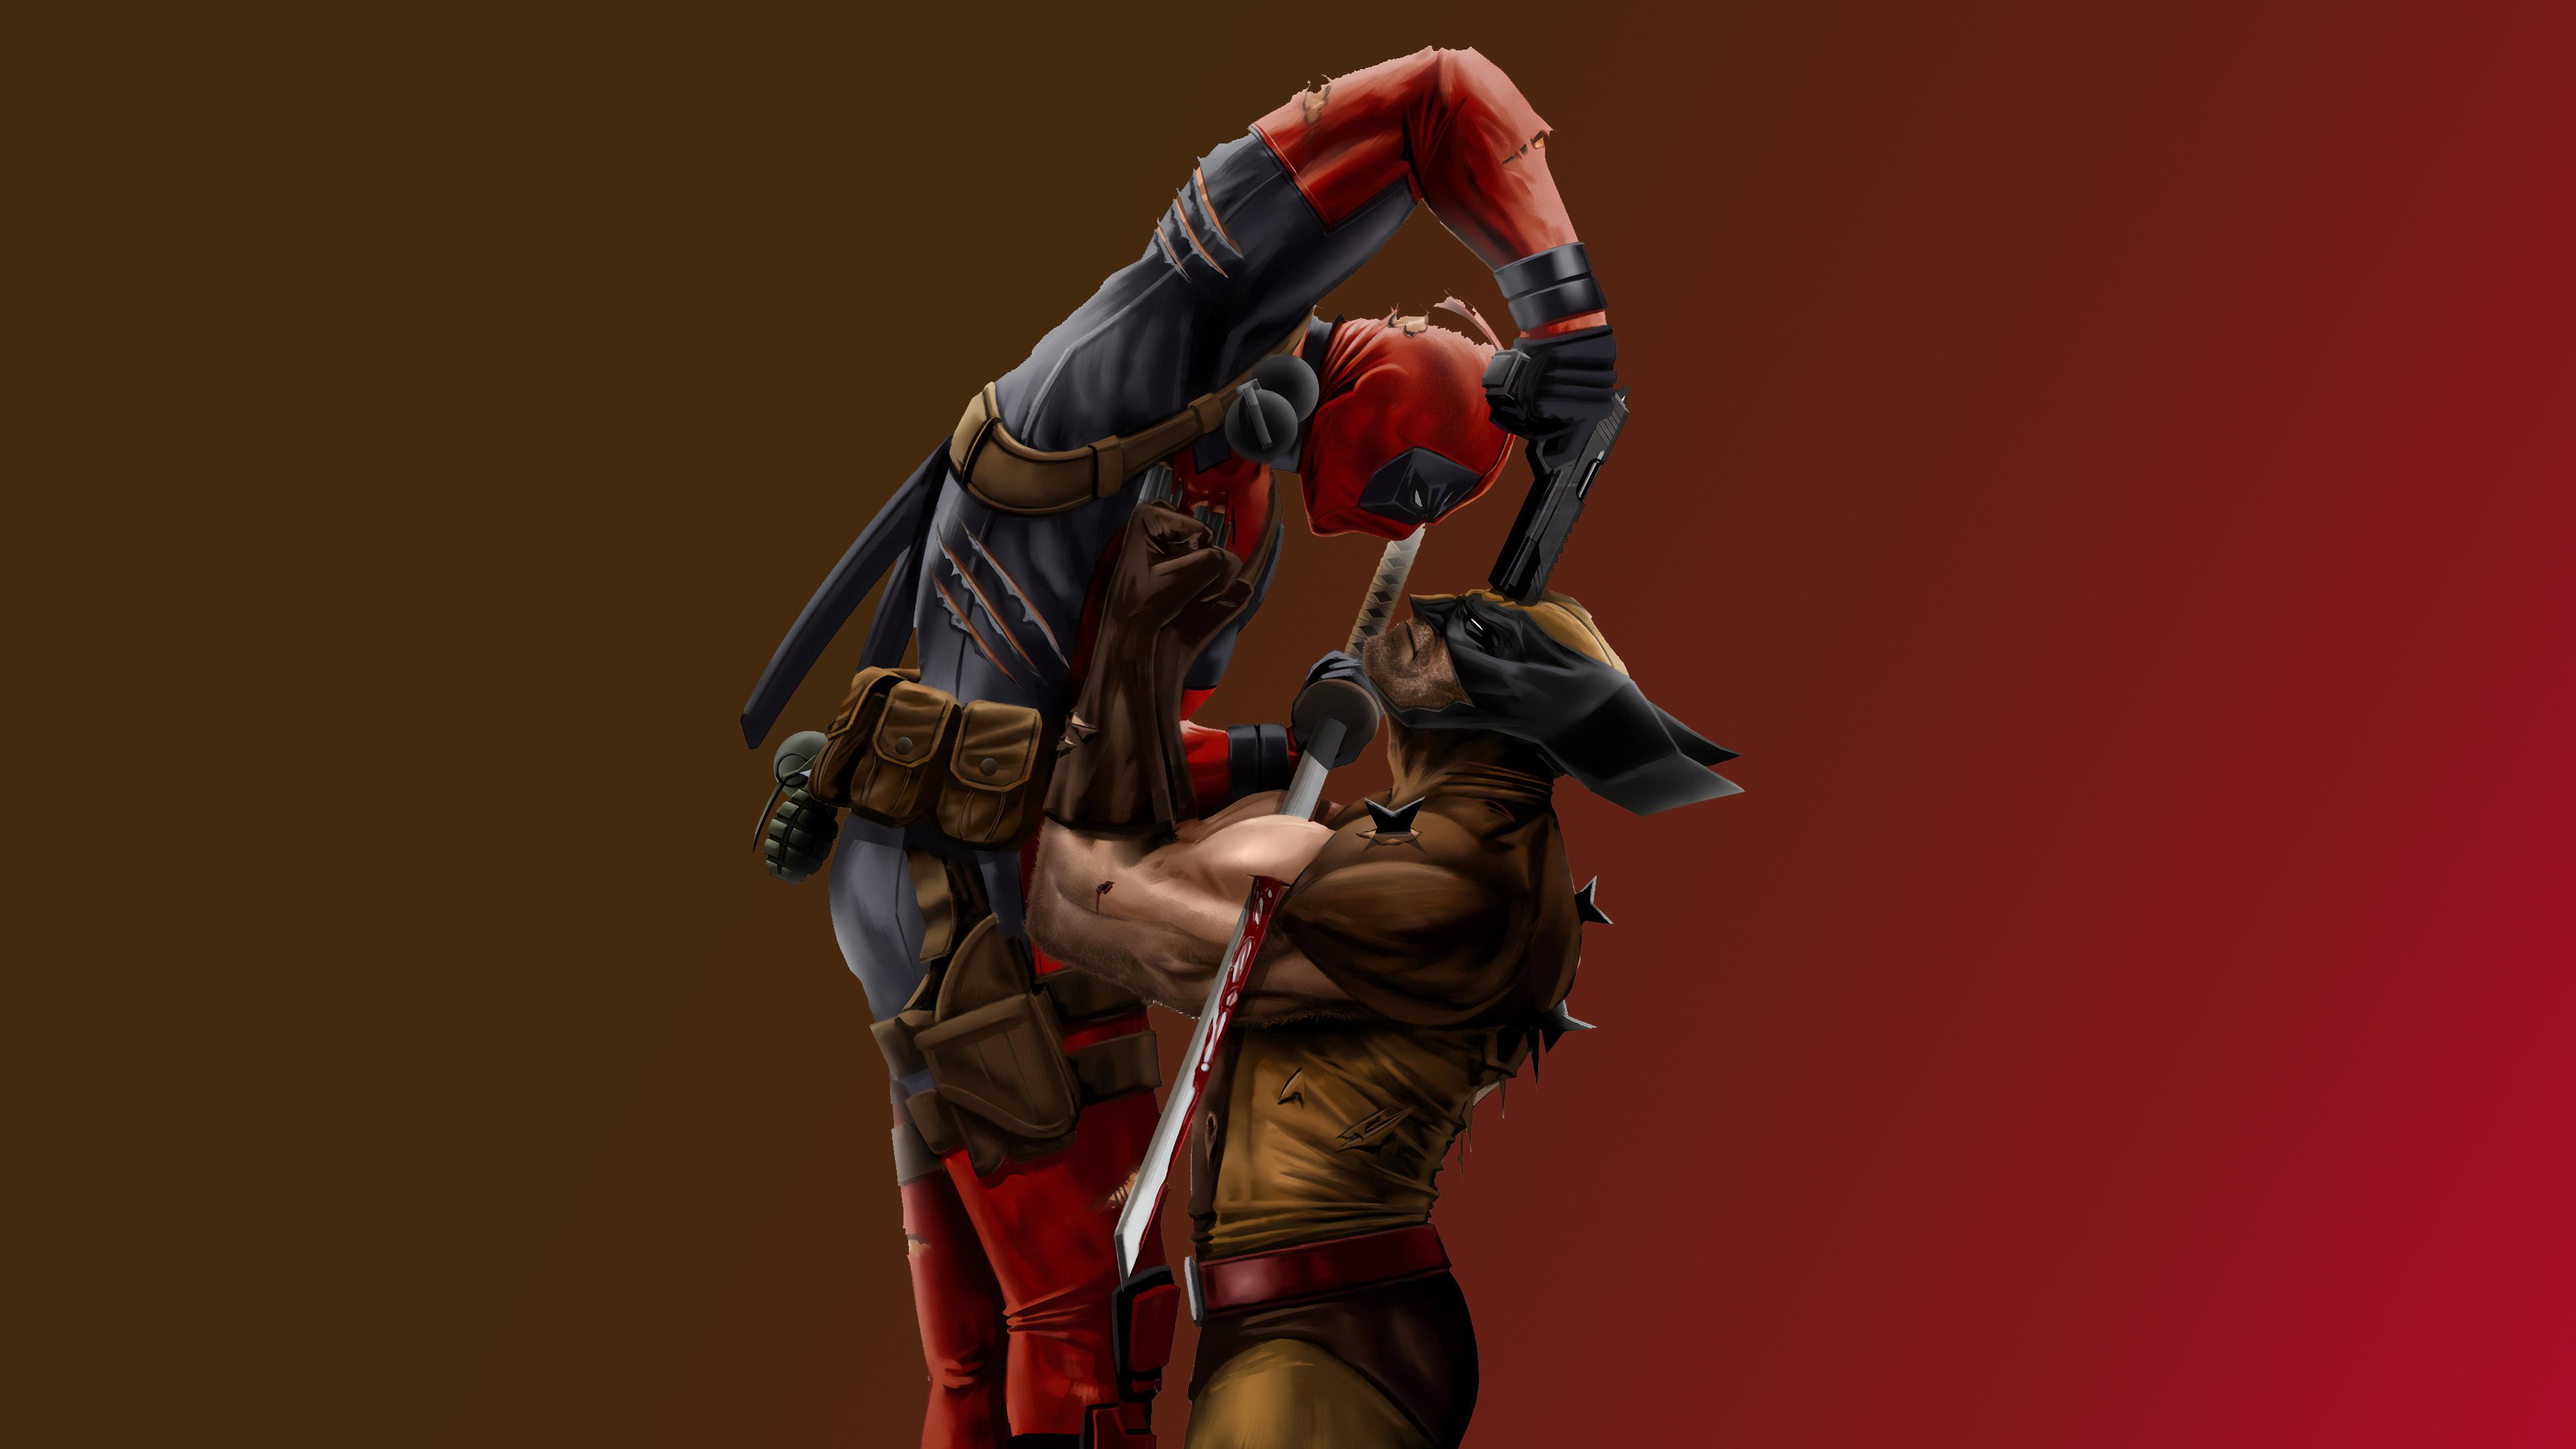 wolverine vs deadpool 1562106017 - Wolverine Vs Deadpool - wolverine wallpapers, superheroes wallpapers, hd-wallpapers, deadpool wallpapers, behance wallpapers, 4k-wallpapers